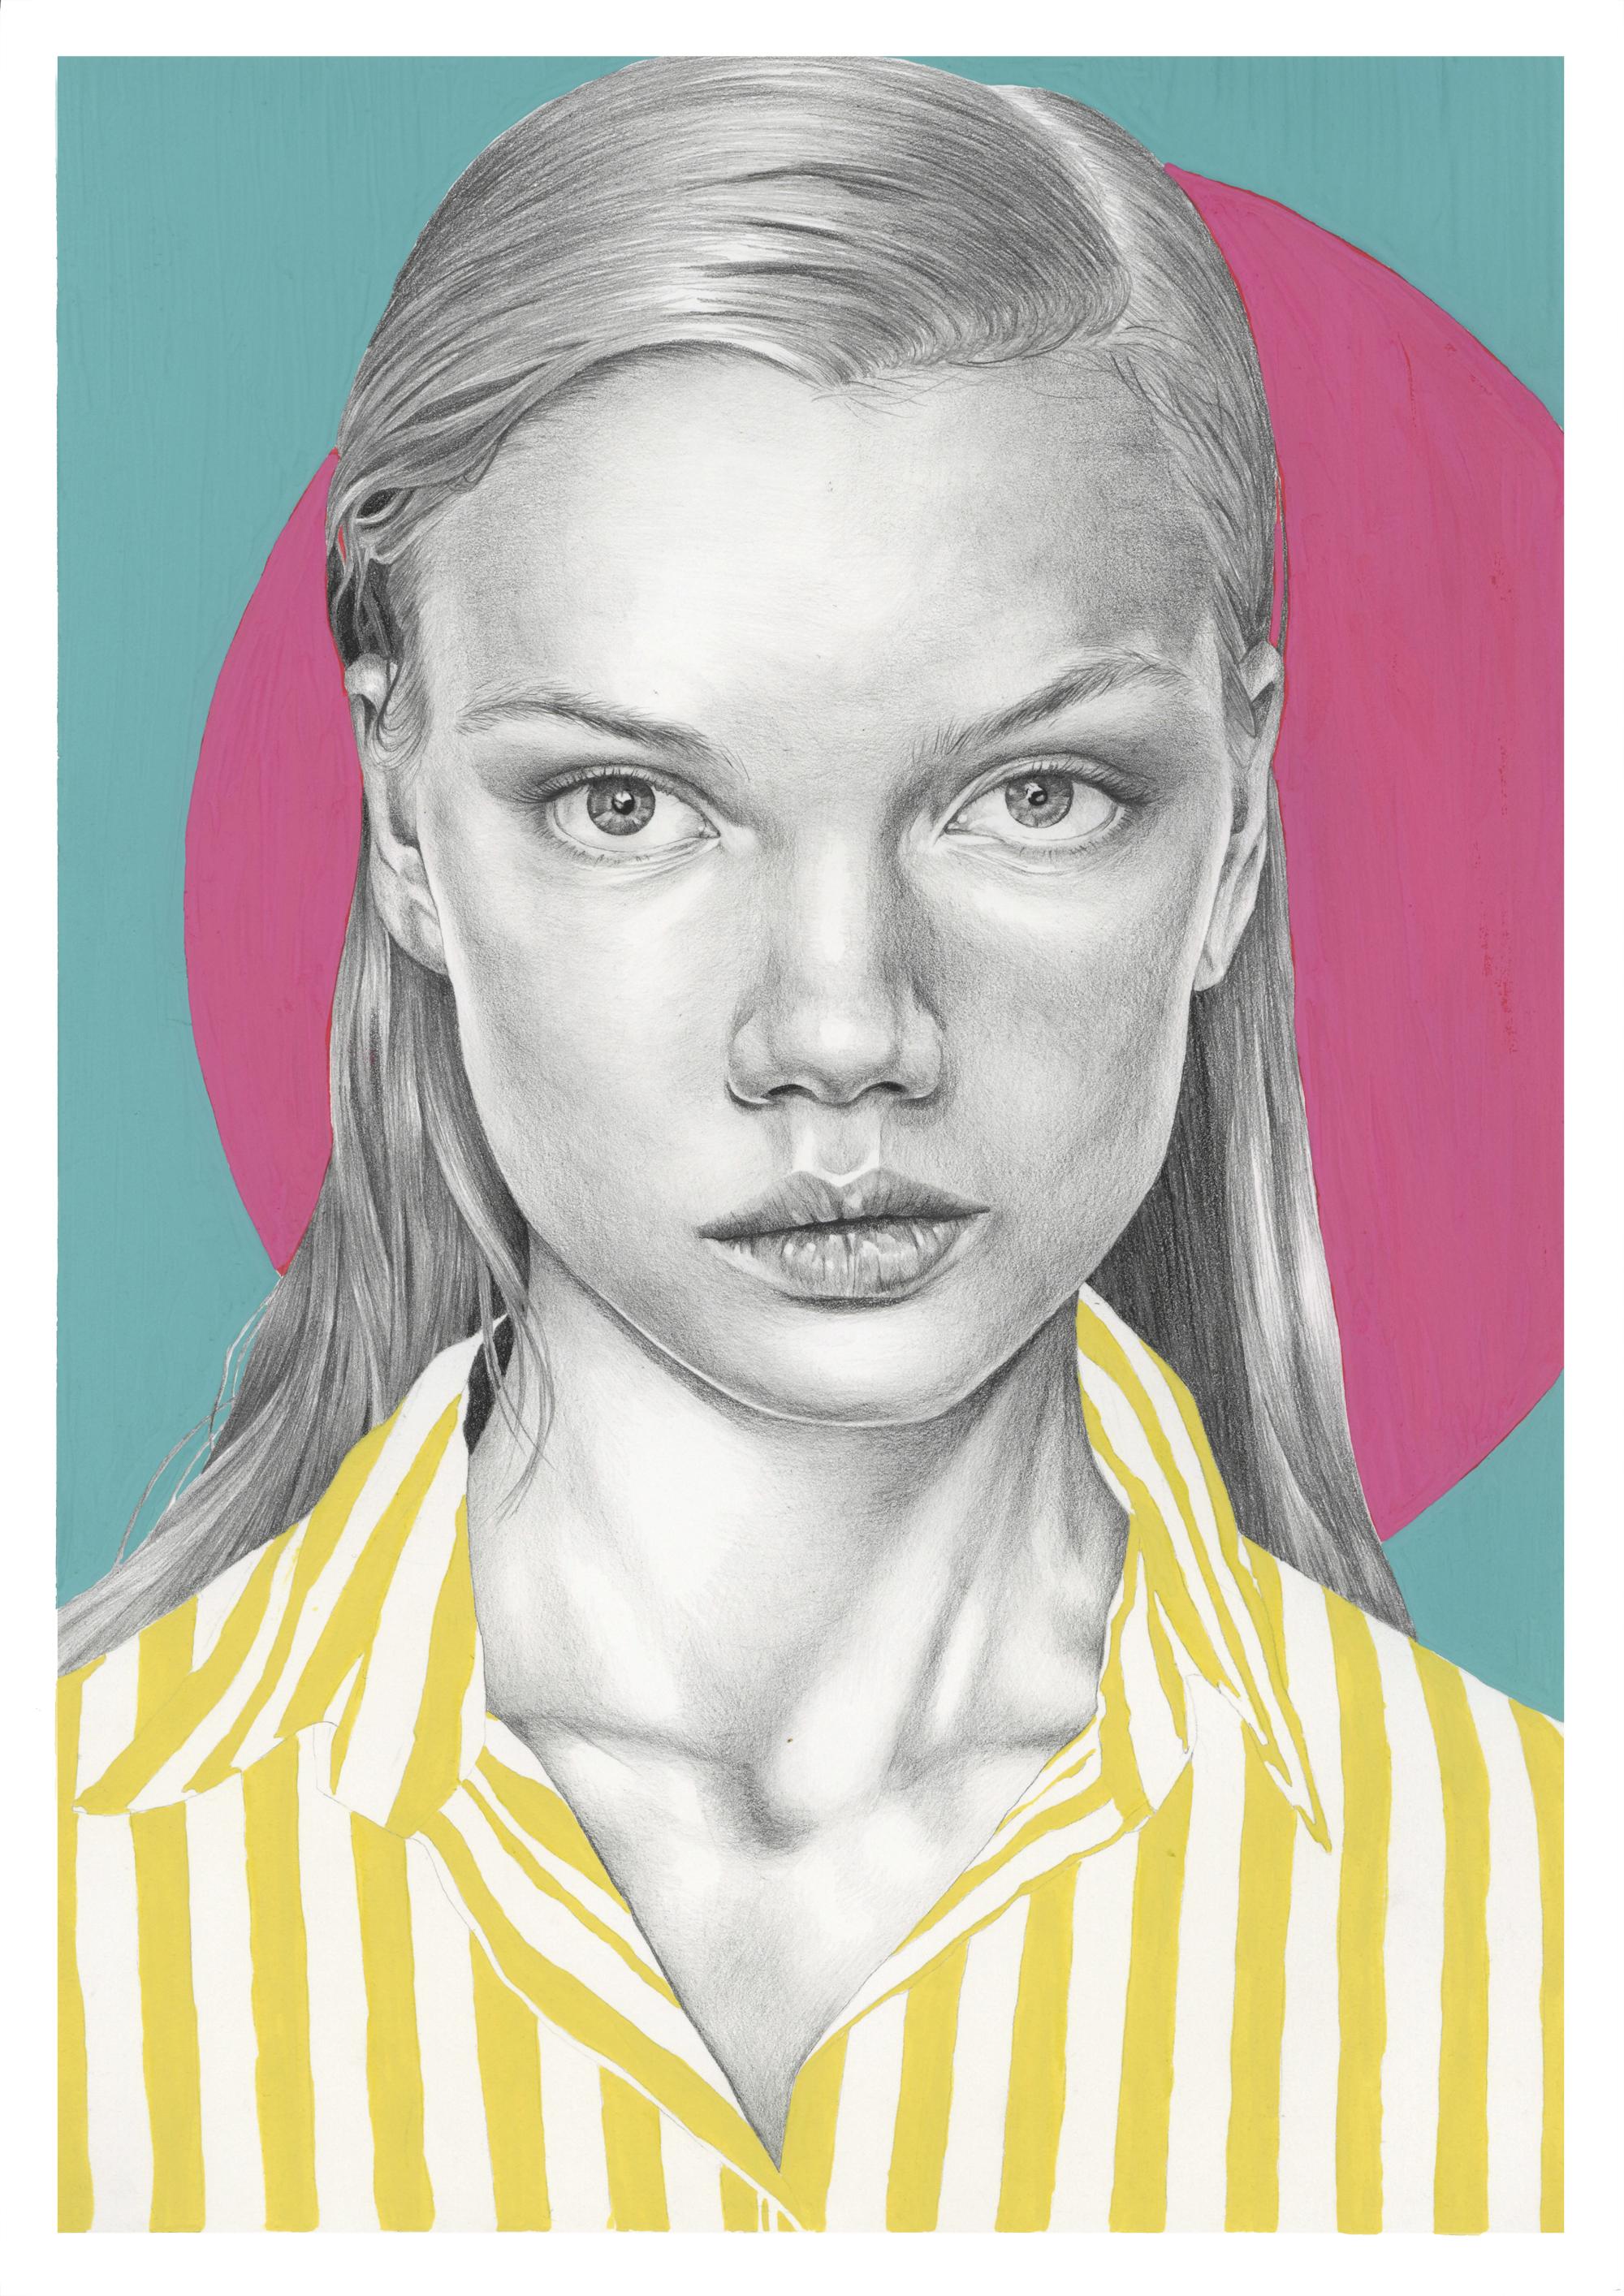 """""""Grace"""" - Graphite pencil and gouche portrait illustration by Alison Sargent"""